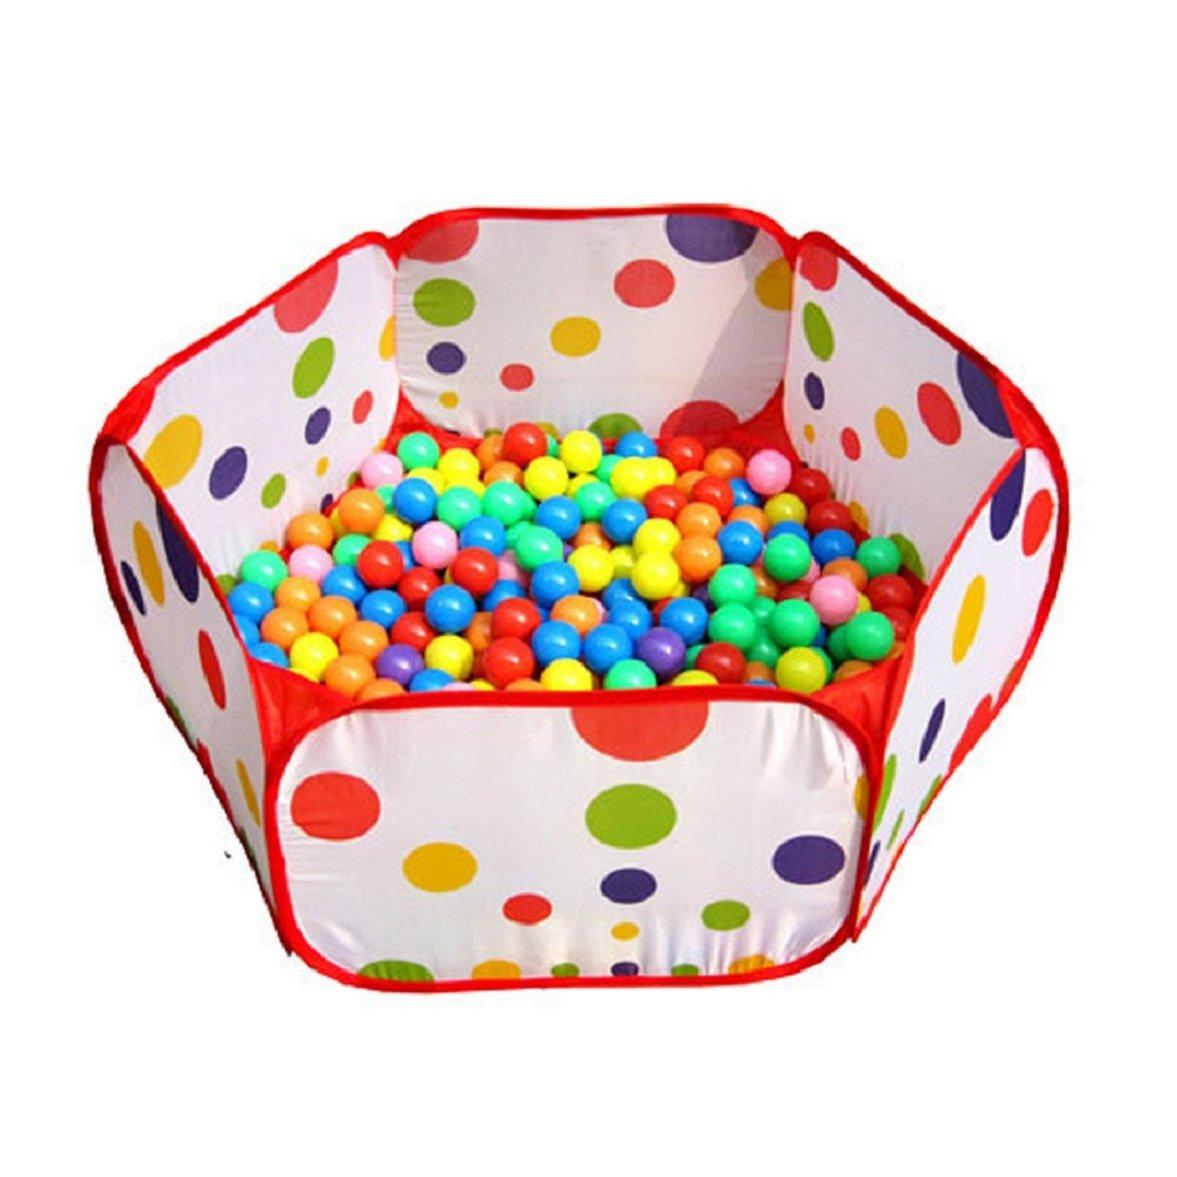 amison Motif Pop Up /à pois enfants /à jouer Tente Sac de transport Jouet sans balles